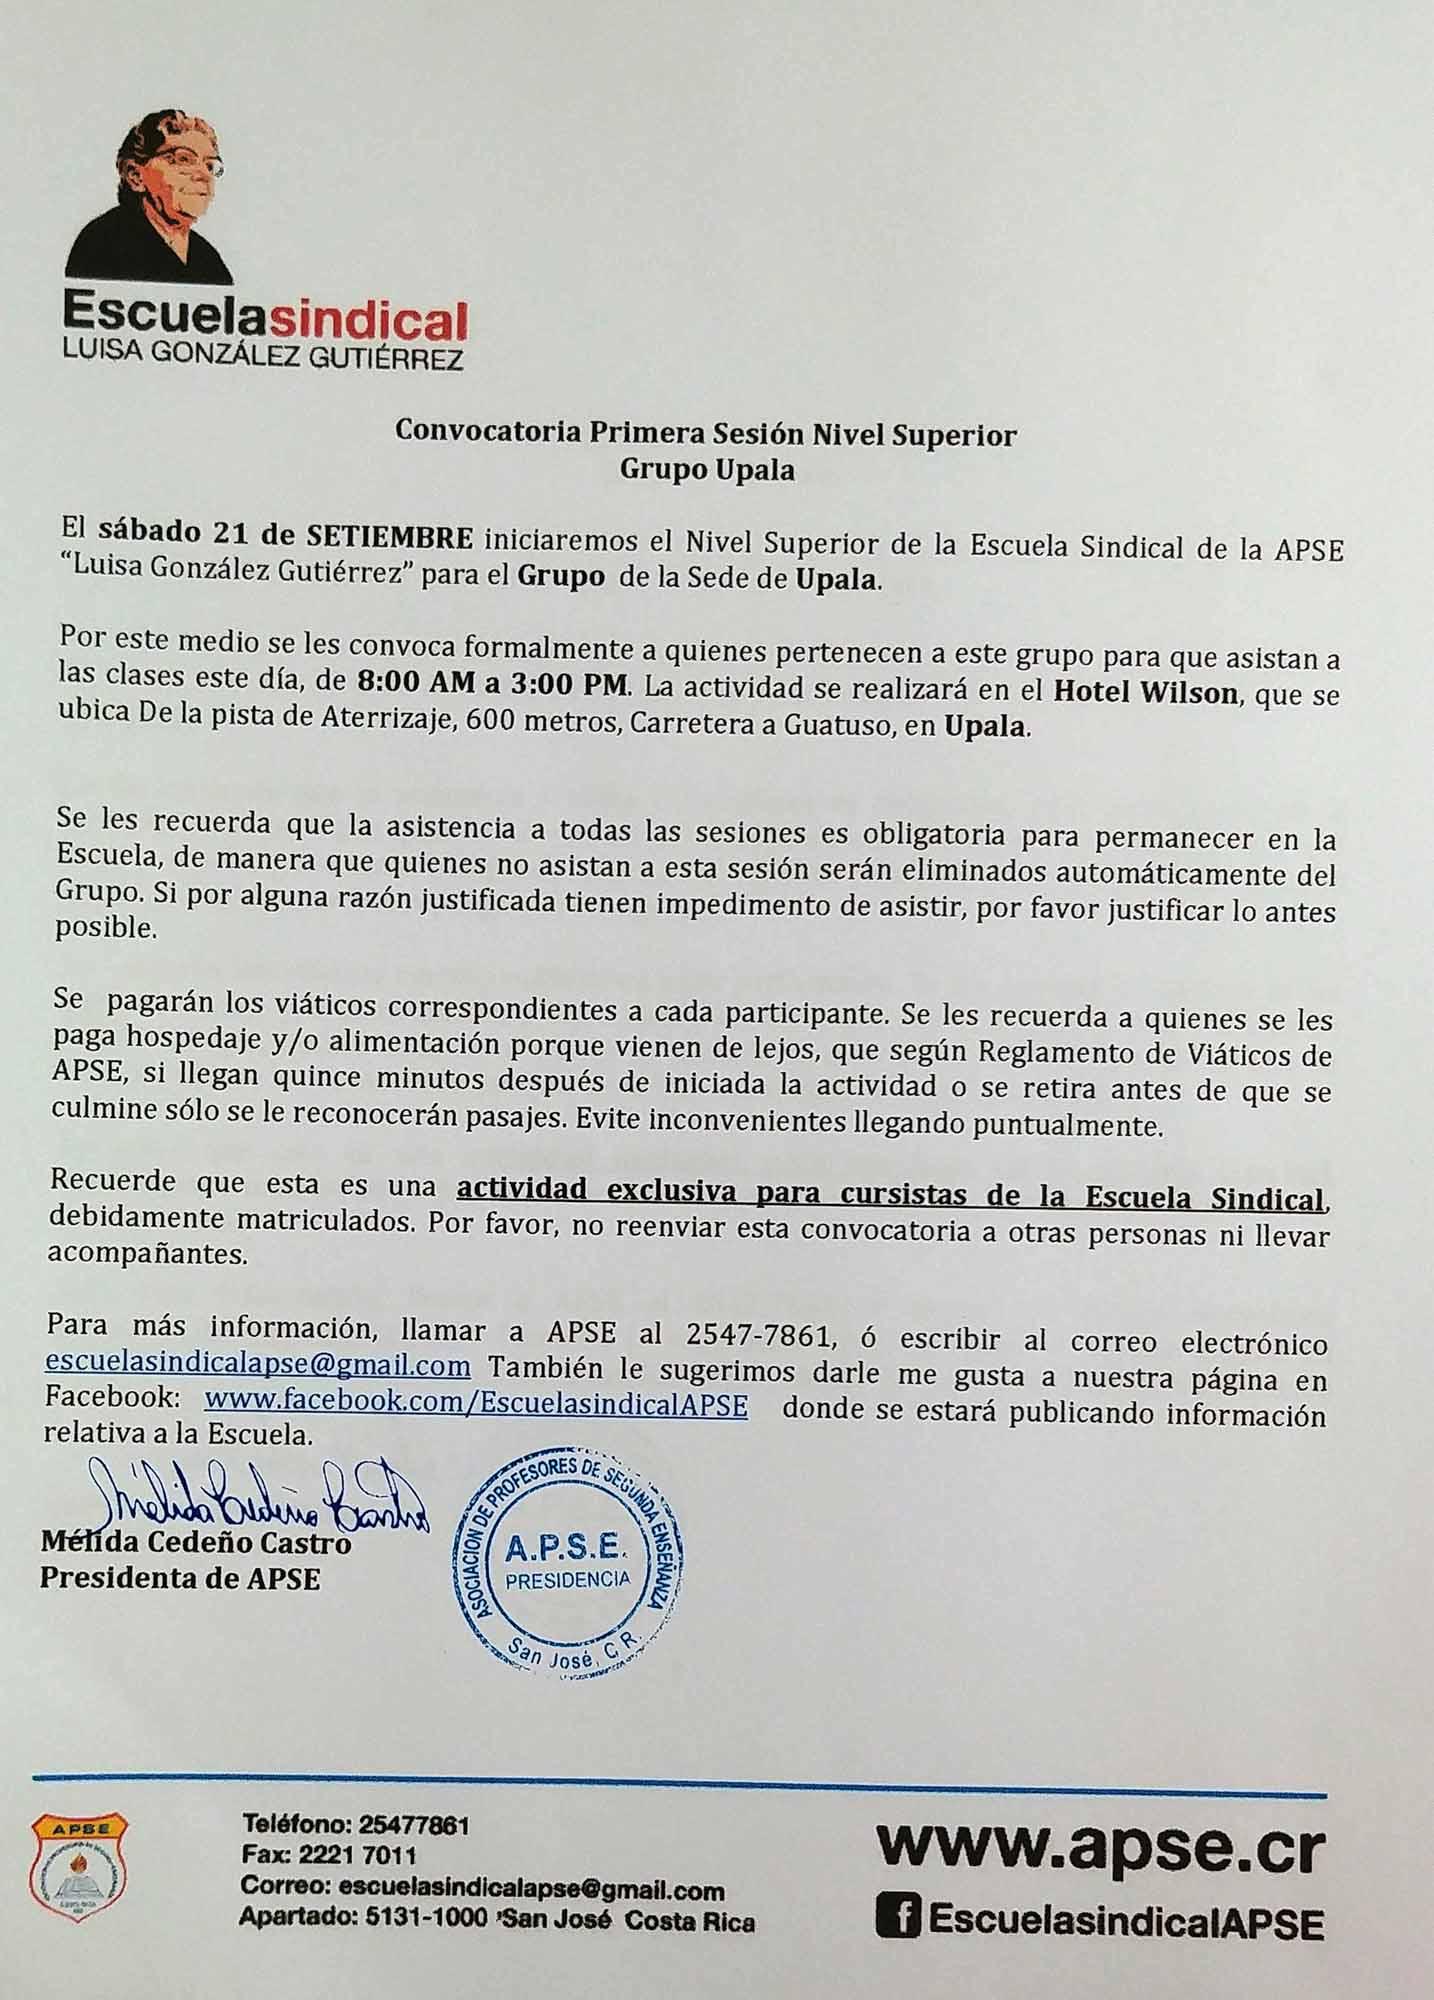 ESCUELA SINDICAL DE APSE – CONVOCATORIA PRIMERA SESIÓN NIVEL SUPERIOR – GRUPO UPALA – SÁBADO 21 DE SETIEMBRE DE 2019